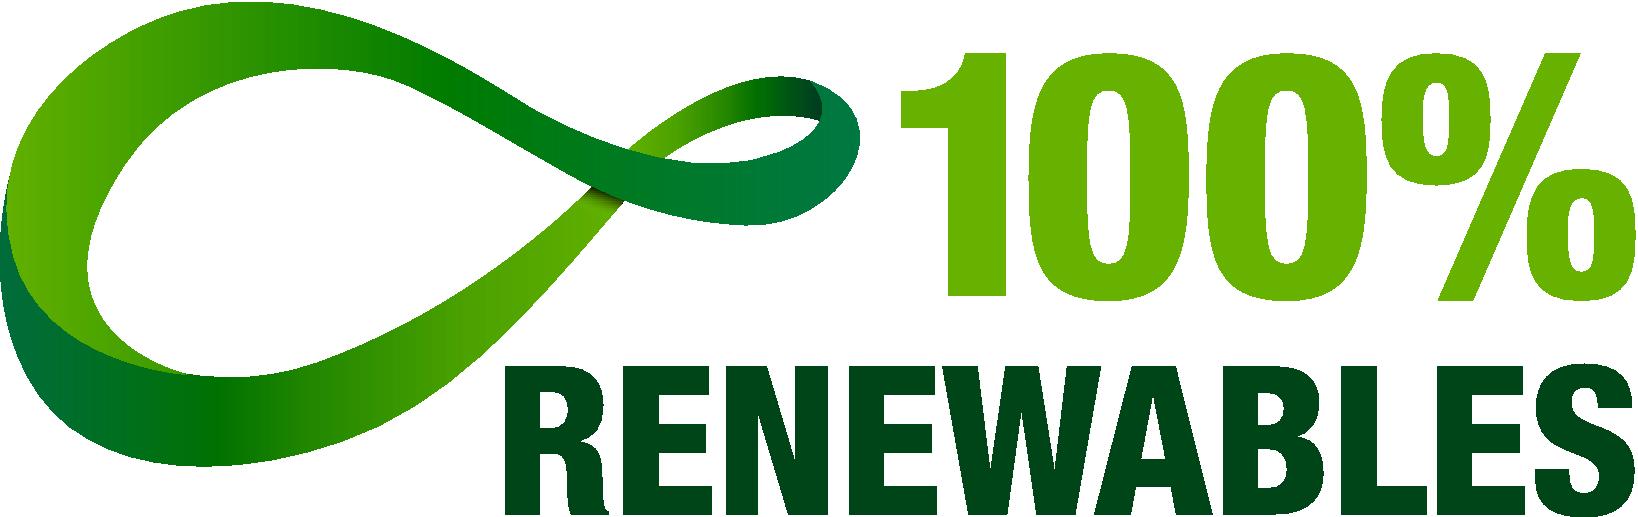 The Global 100% Renewable Energy Platform